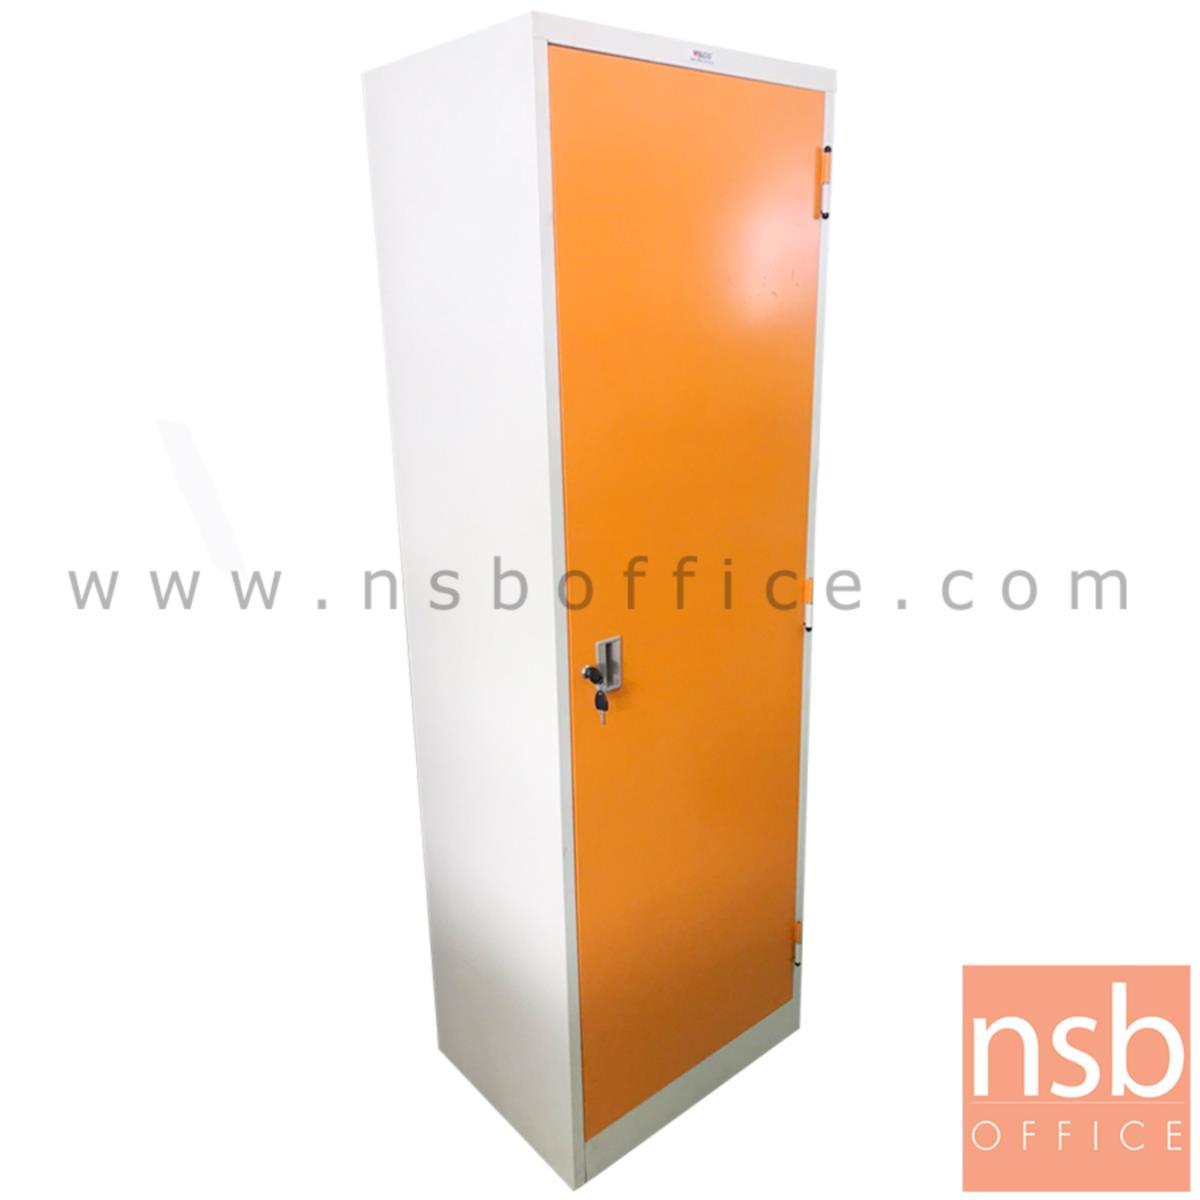 L10A212:ตู้เหล็กแม่บ้าน 1 บานเปิด  ขนาด 60W*184H cm. สีขาว-ส้ม